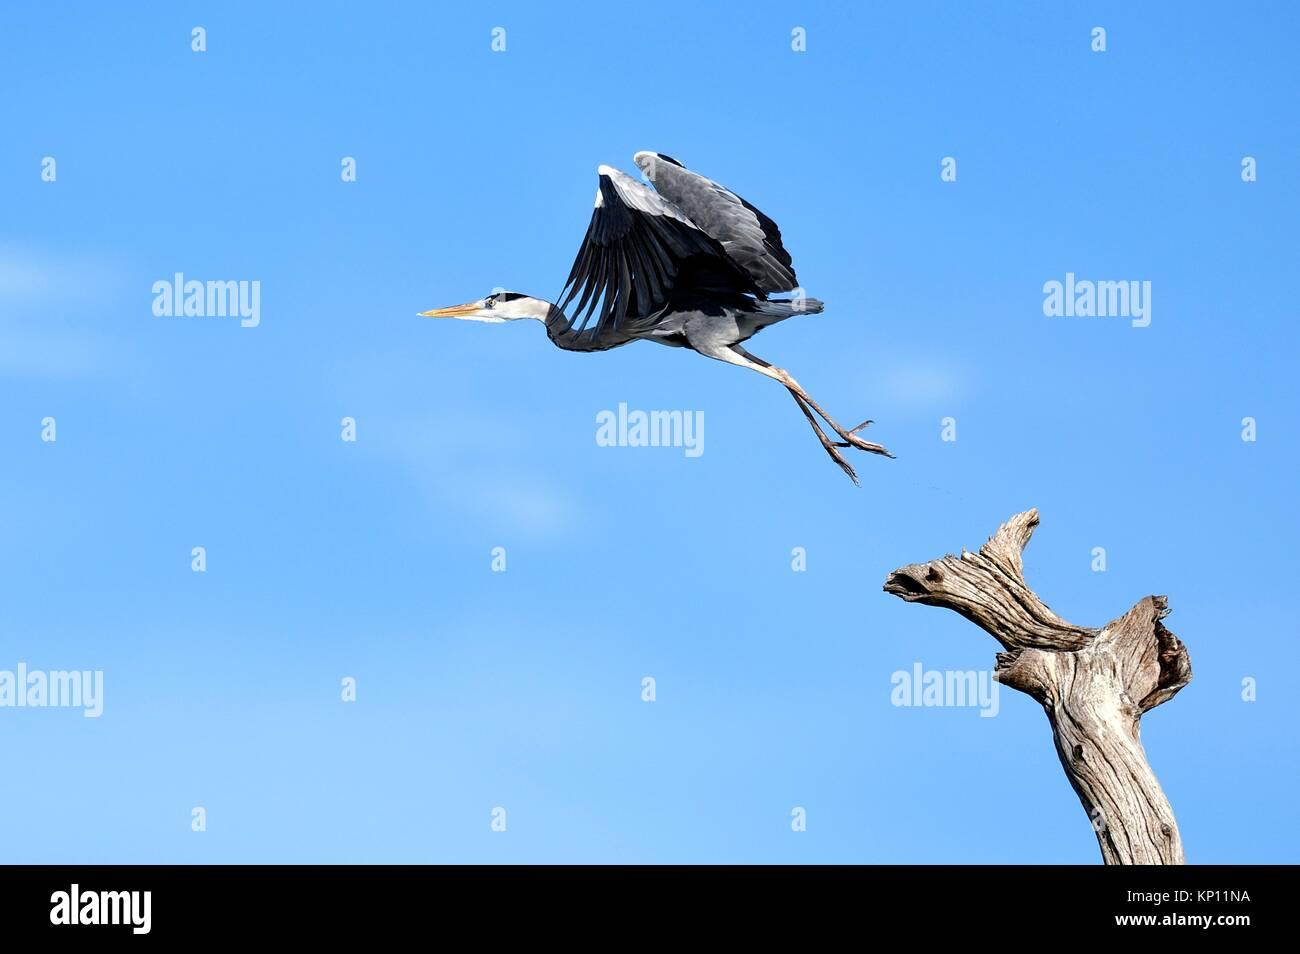 Garza real (Ardea cinerea) tomando vuelo desde rama muerta. El lago Kariba. Parque Nacional de Matusadona, Zimbabwe. Imagen De Stock